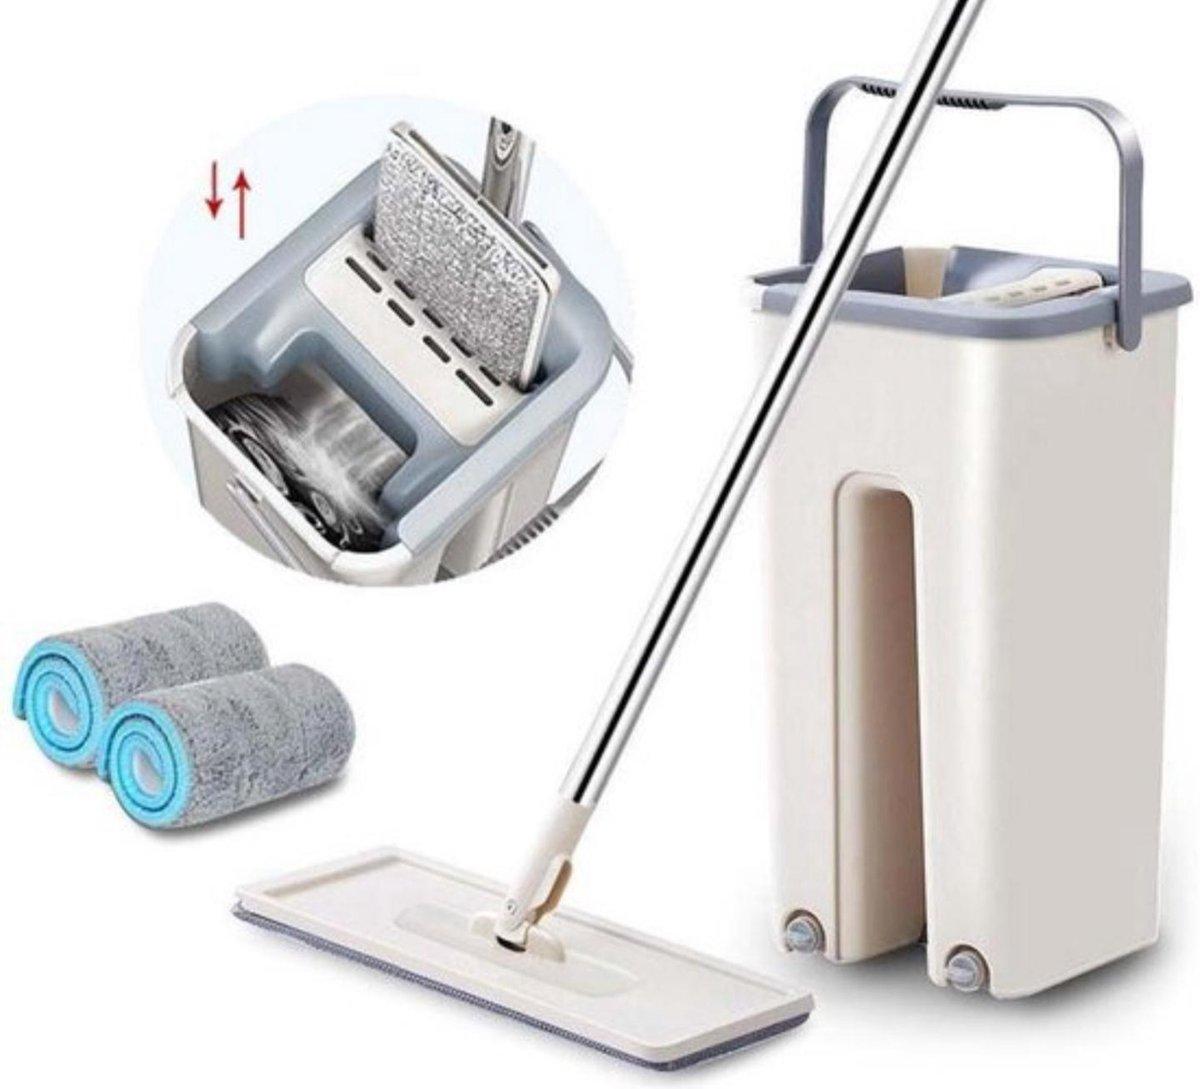 Flat mop inclusief 4 herwasbare pads| Schoonmaak mop | Mopset | mop | kopen